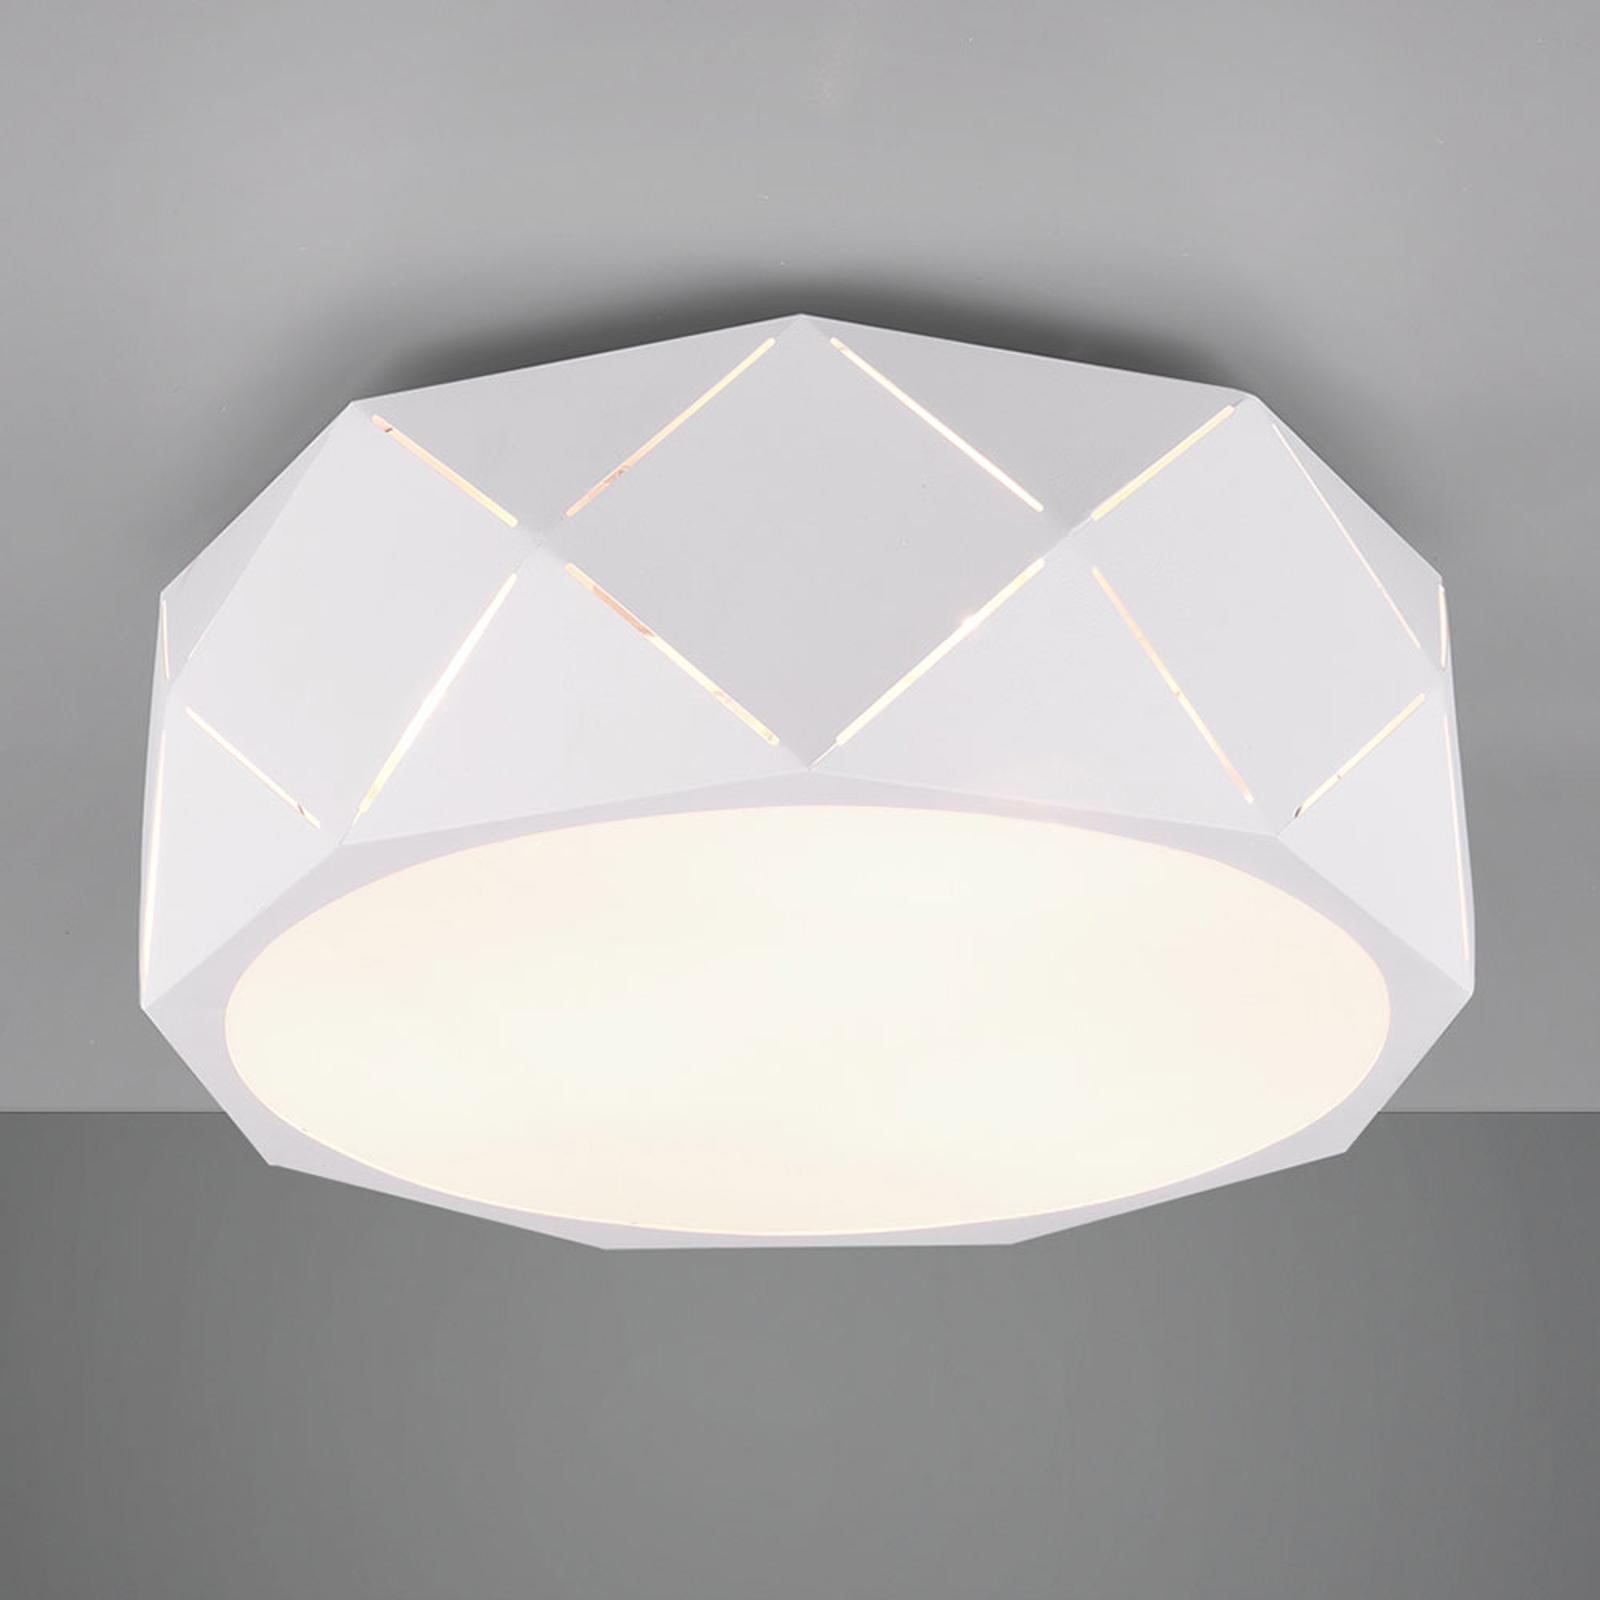 Lampa sufitowa Zandor z białym kloszem